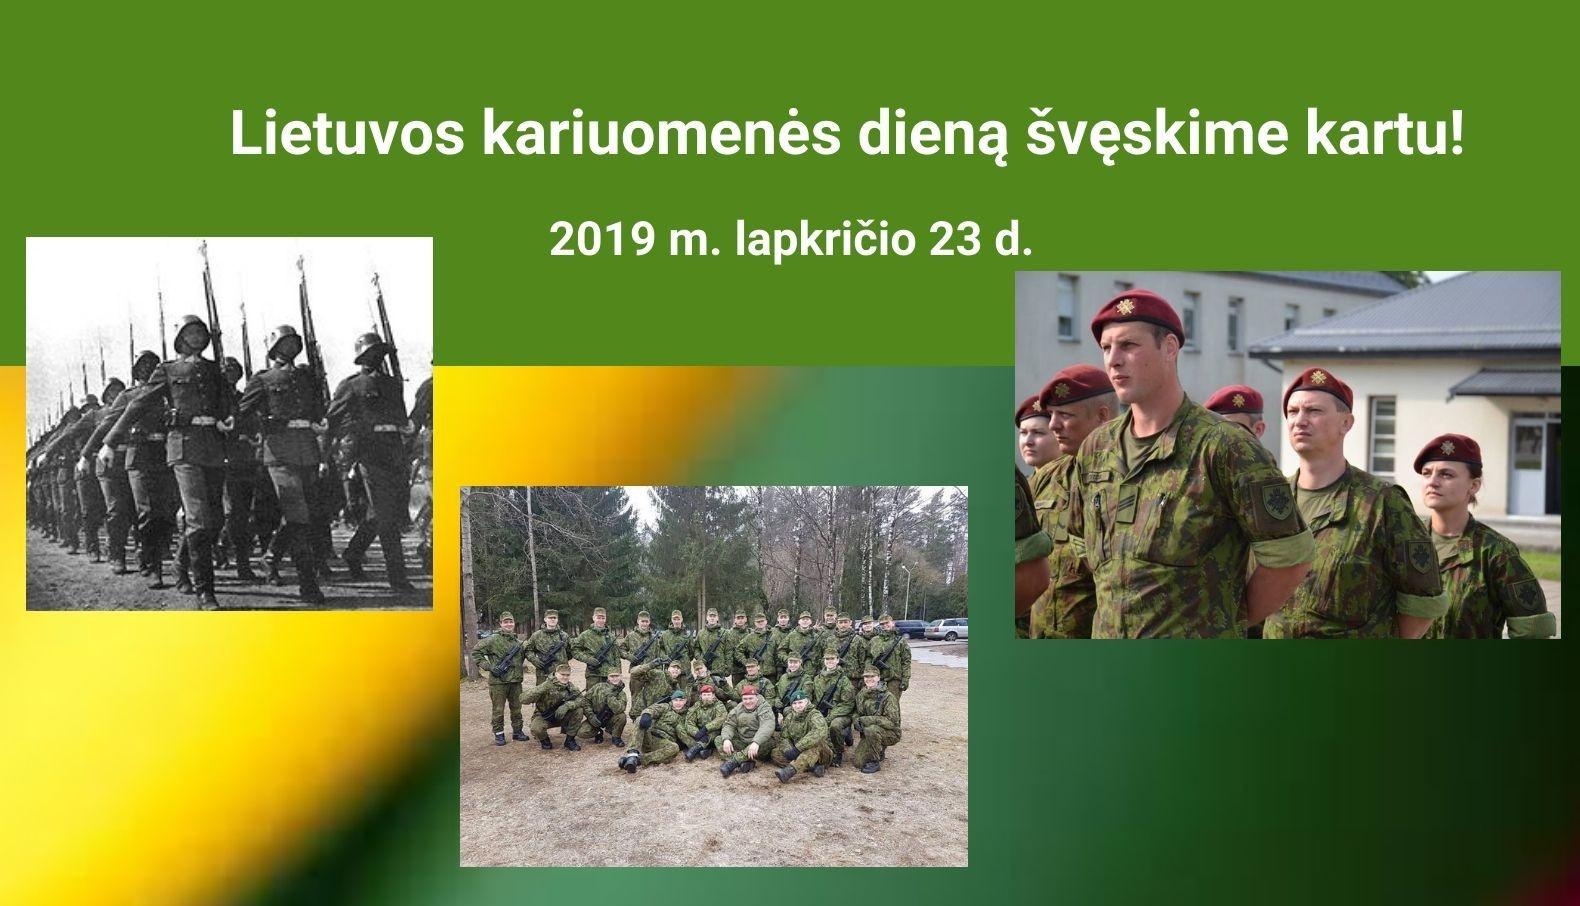 Lietuvos kariuomenės dieną švęskime kartu!